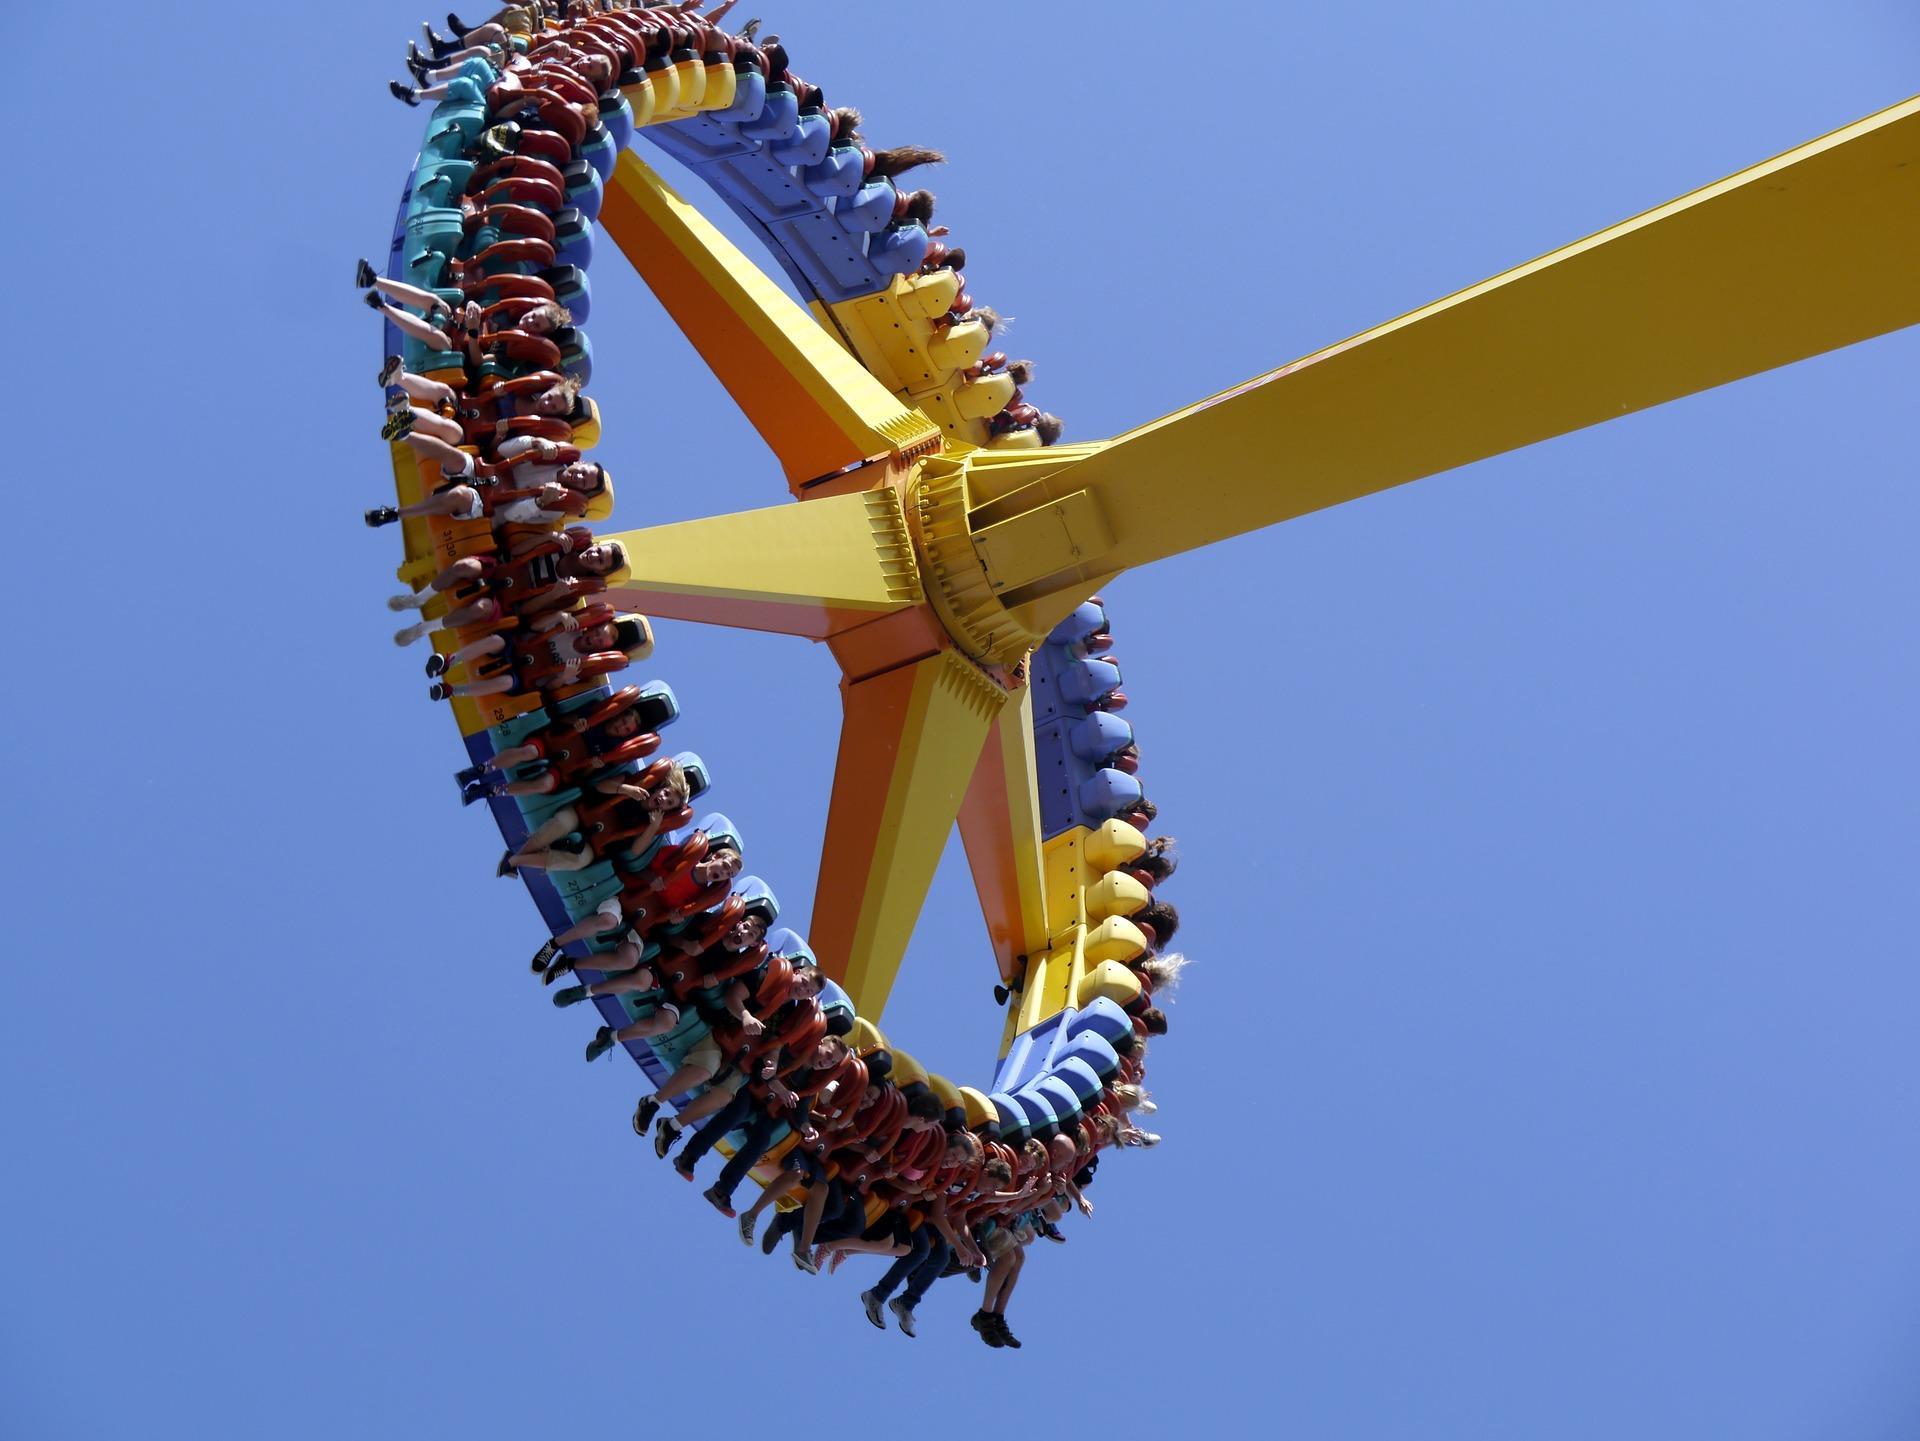 amusement park 1838401 1920 - Frisbees non identifiés